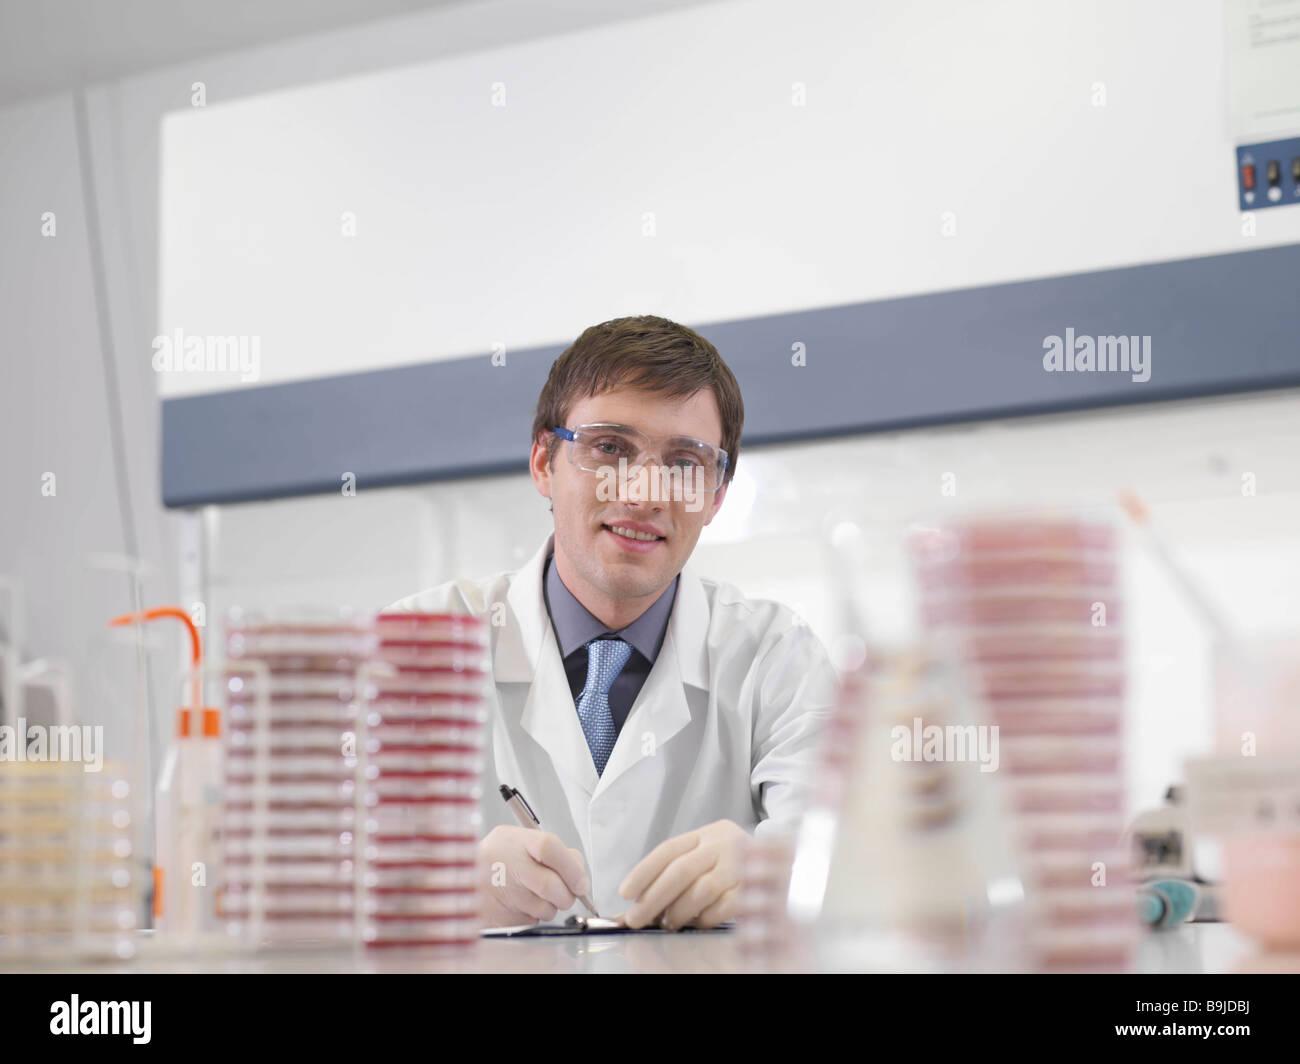 Técnico de laboratorio en el trabajo Imagen De Stock